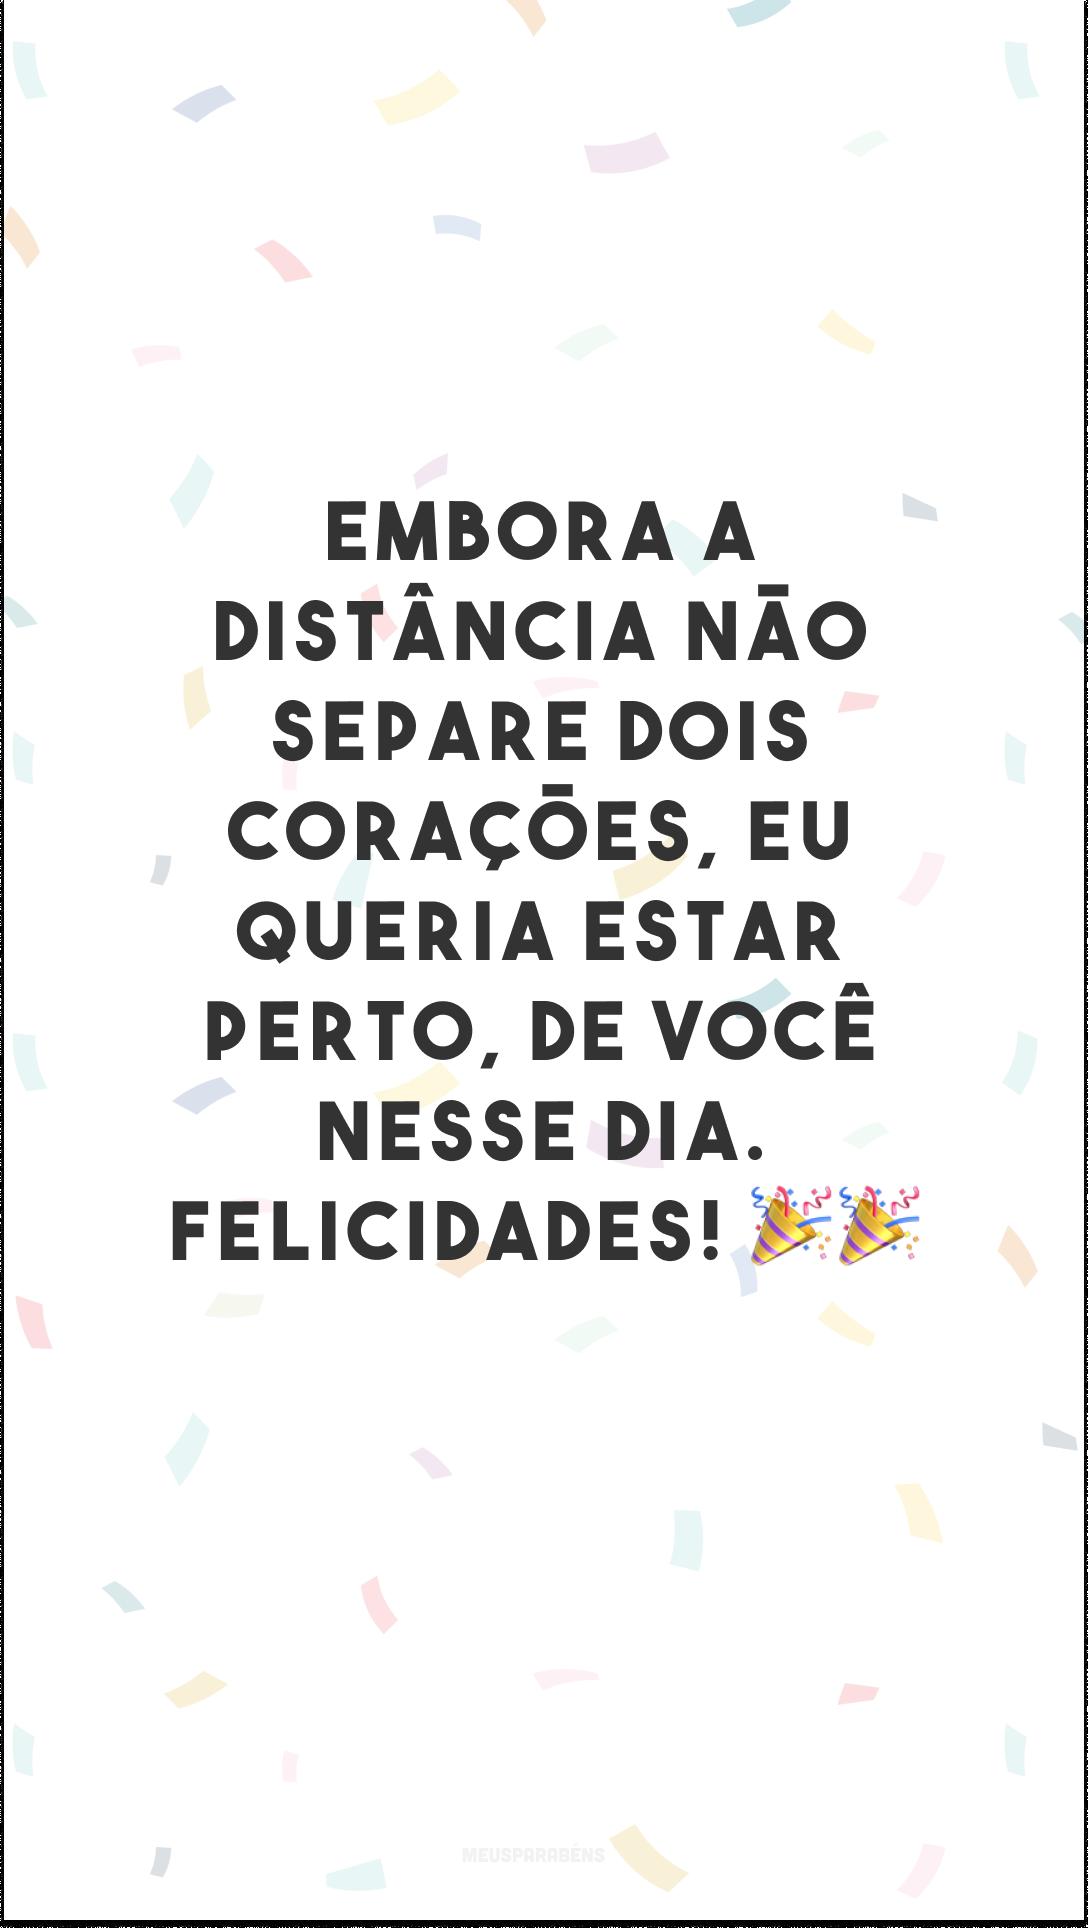 Embora a distância não separe dois corações, eu queria estar perto, especialmente no seu aniversário. Como não é possível, vou comemorar com você… em meu coração! Felicidades! 🎉🎉